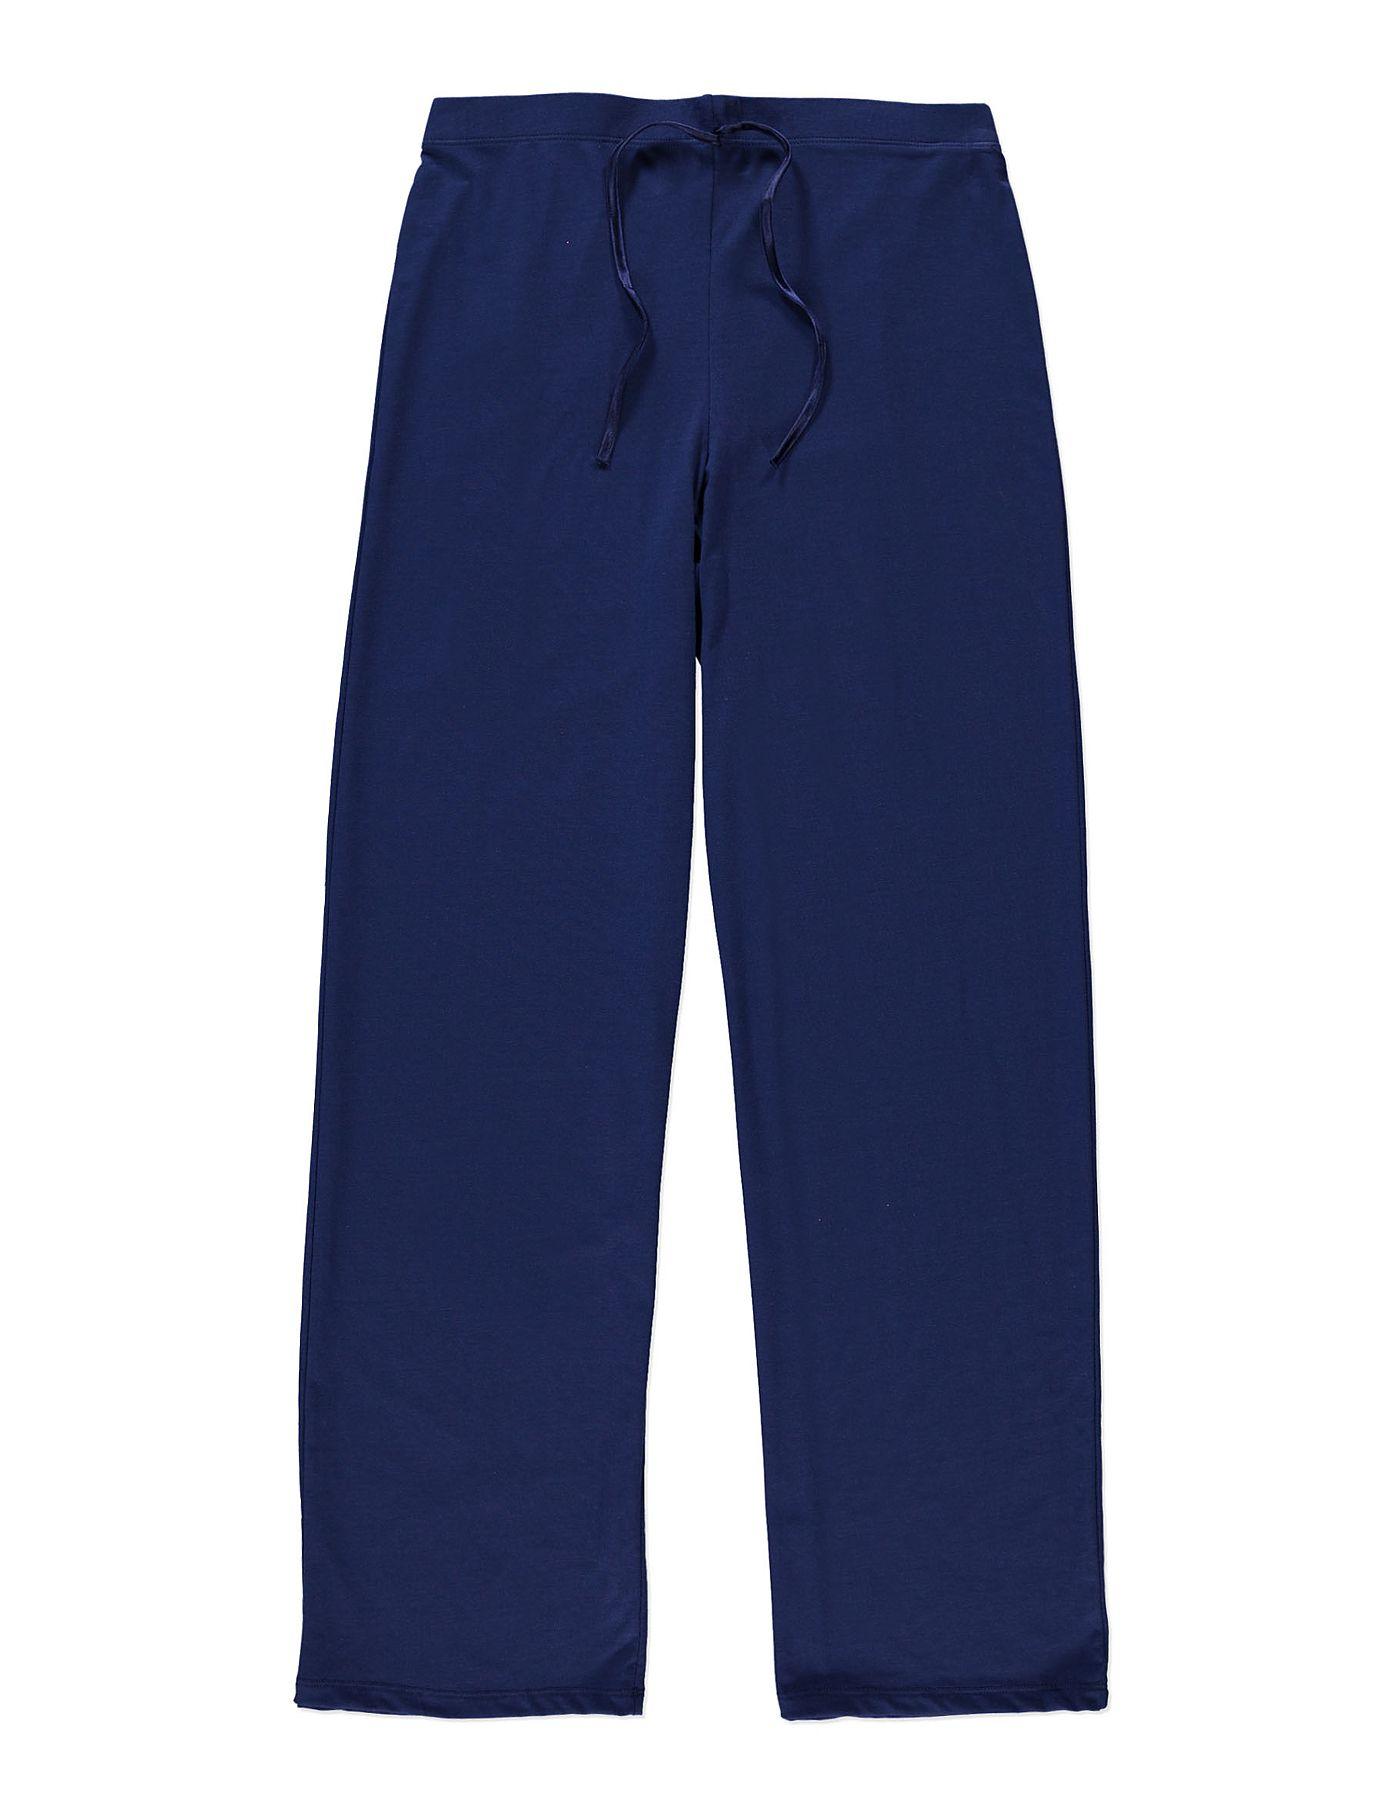 Plain Pyjama Bottoms   Women   George at ASDA   Nattsärk   Pinterest ...